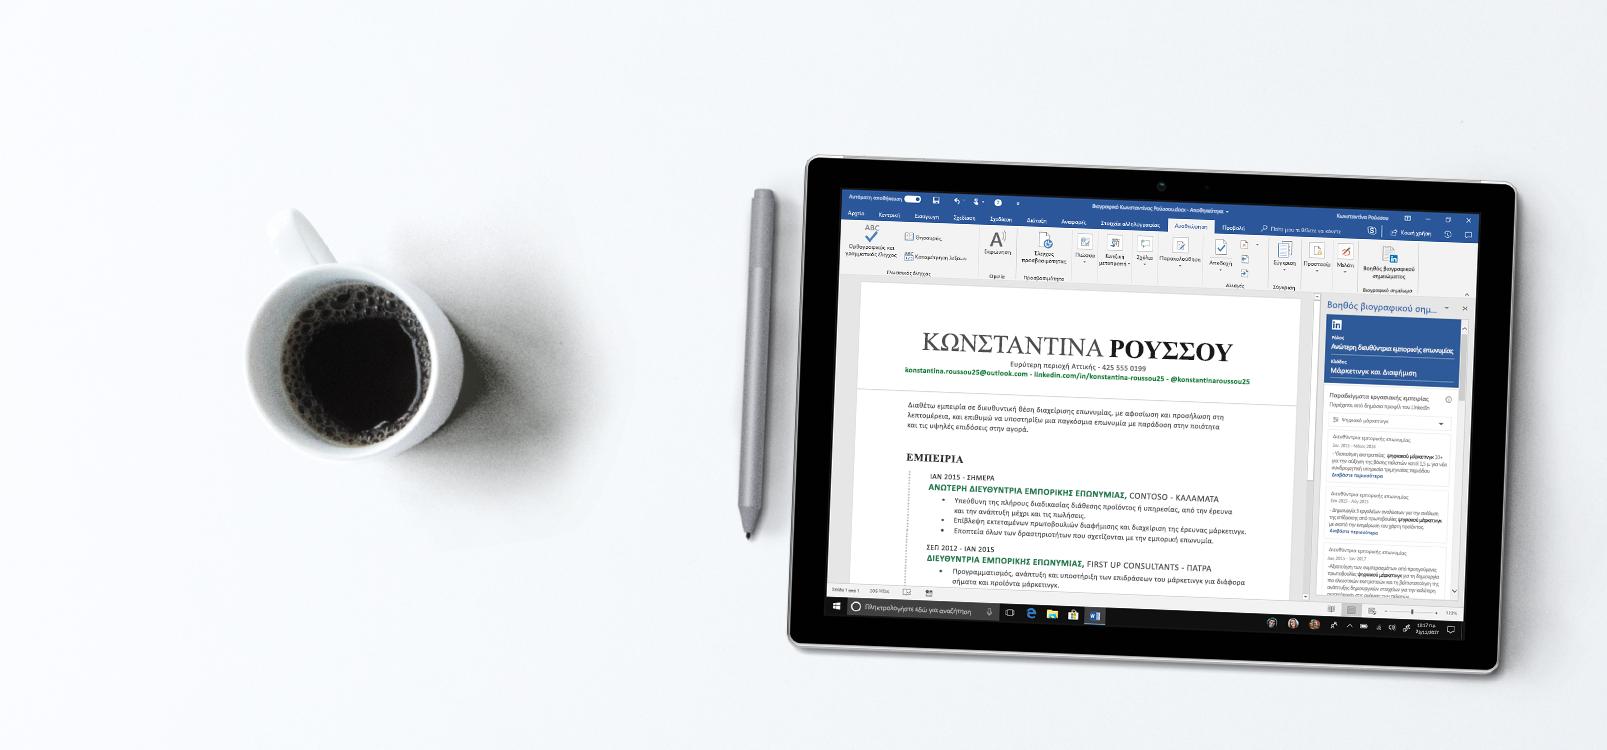 Οθόνη tablet που εμφανίζει το Word με τη γραμμή του Βοηθού σύνταξης βιογραφικού σημειώματος στα δεξιά με παραδείγματα βιογραφικών